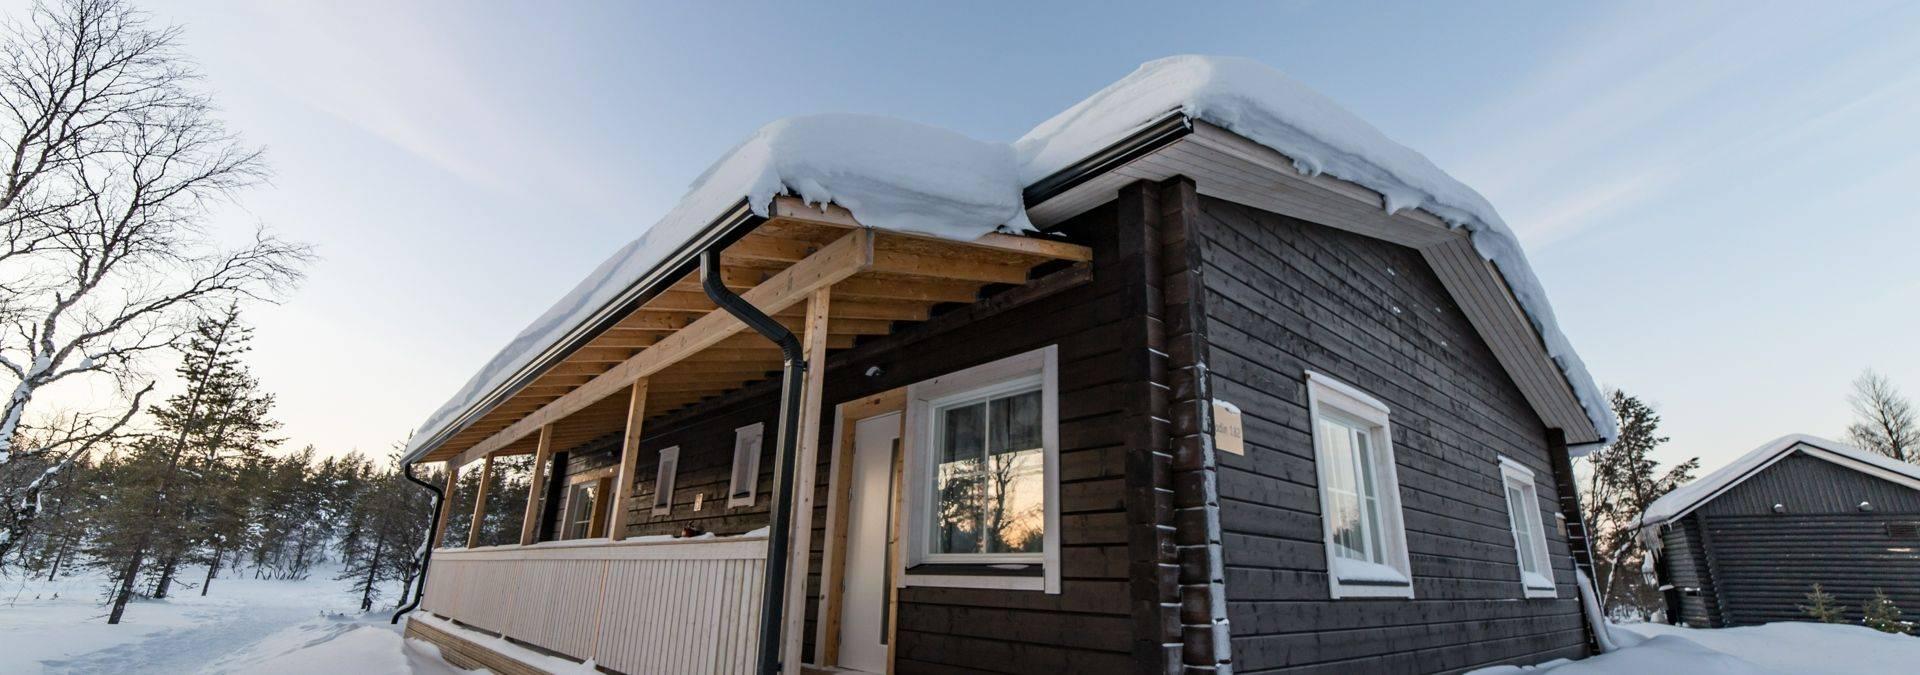 Muotka Superior Sauna Suite Exterior 1